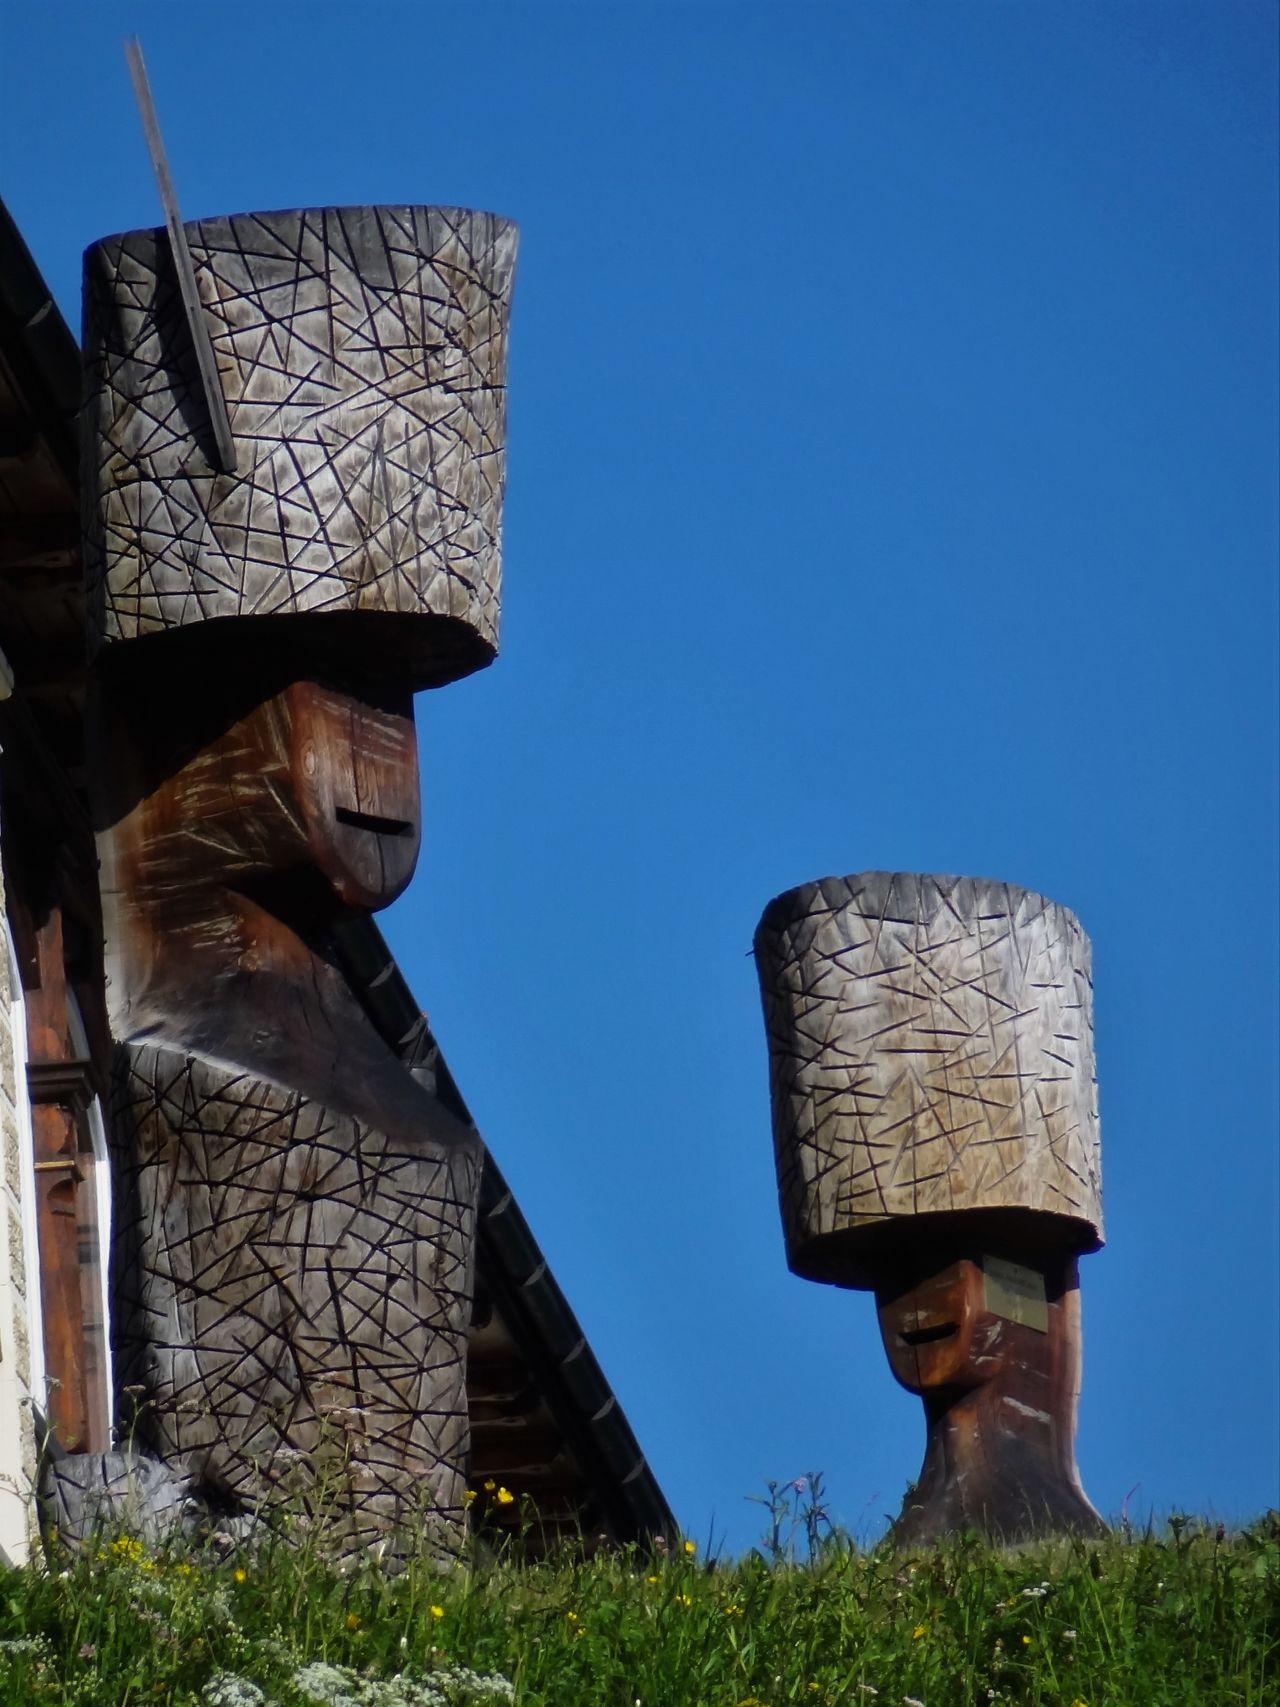 Native Woodwork Architecture Built Structure Day Grass Graubünden Native Inhabitan Nature No People Outdoors Rural Scene Schweiz Schweizer Alpen Sky